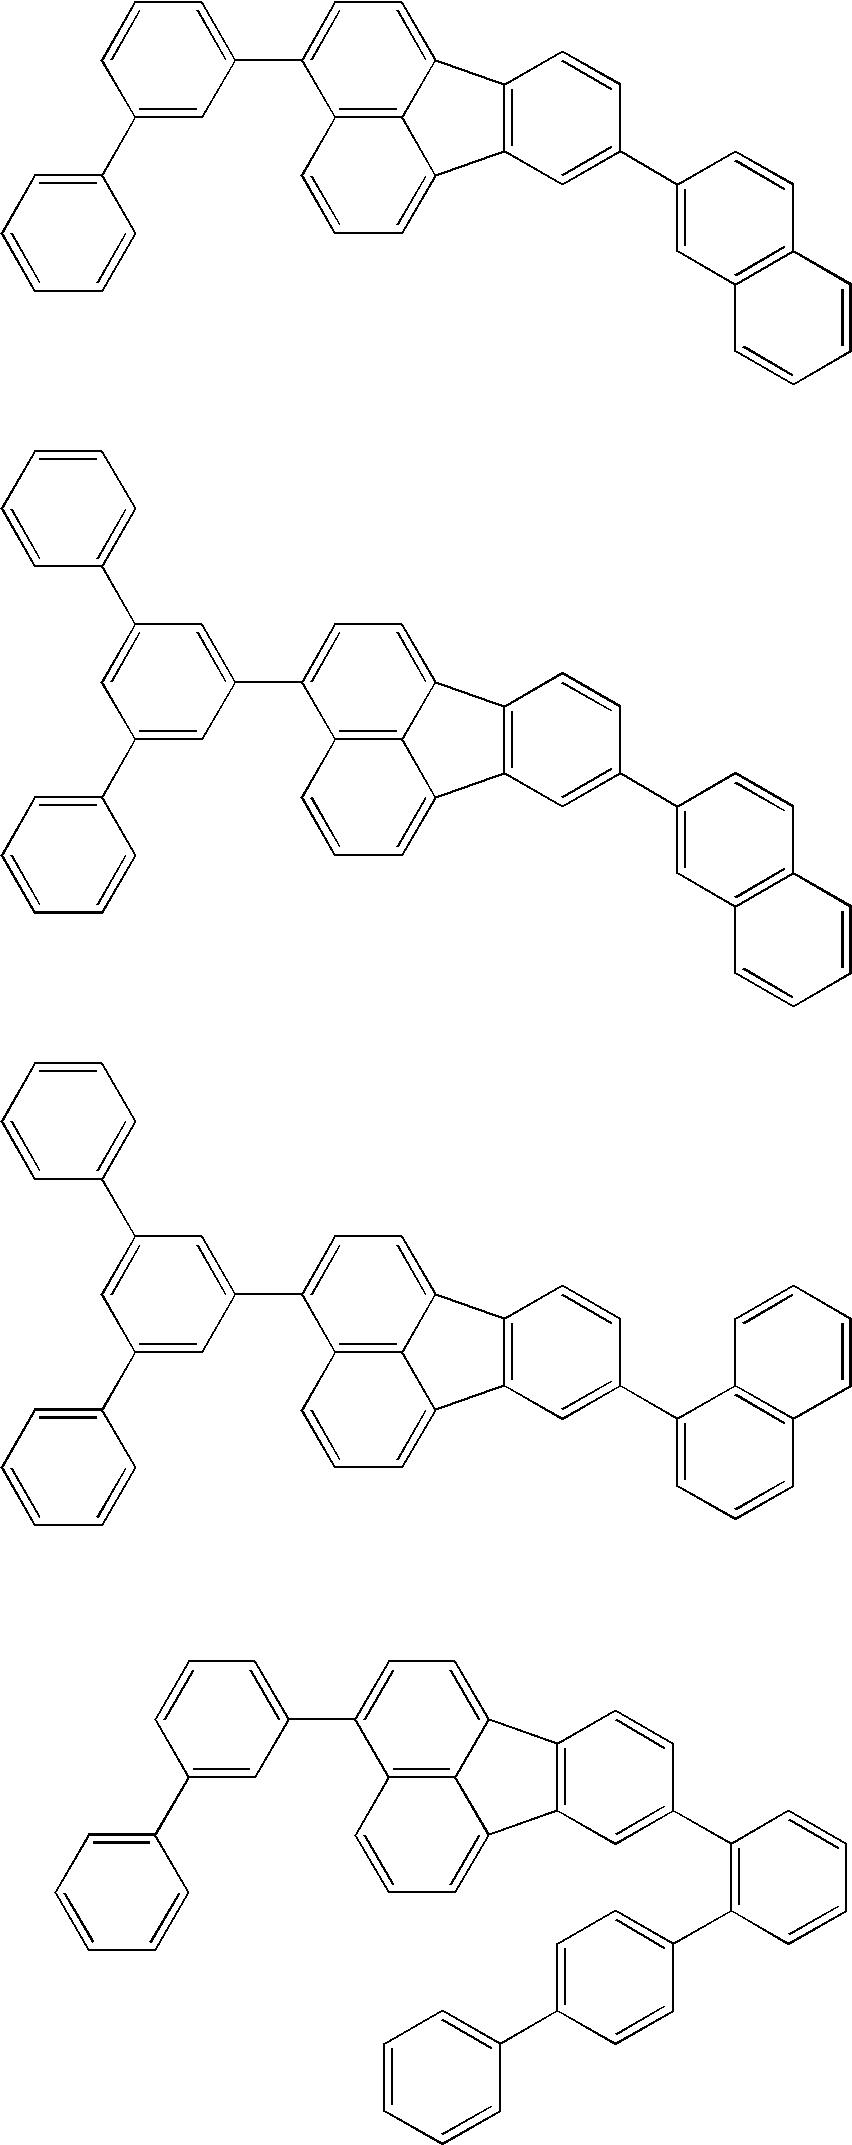 Figure US20100171109A1-20100708-C00031